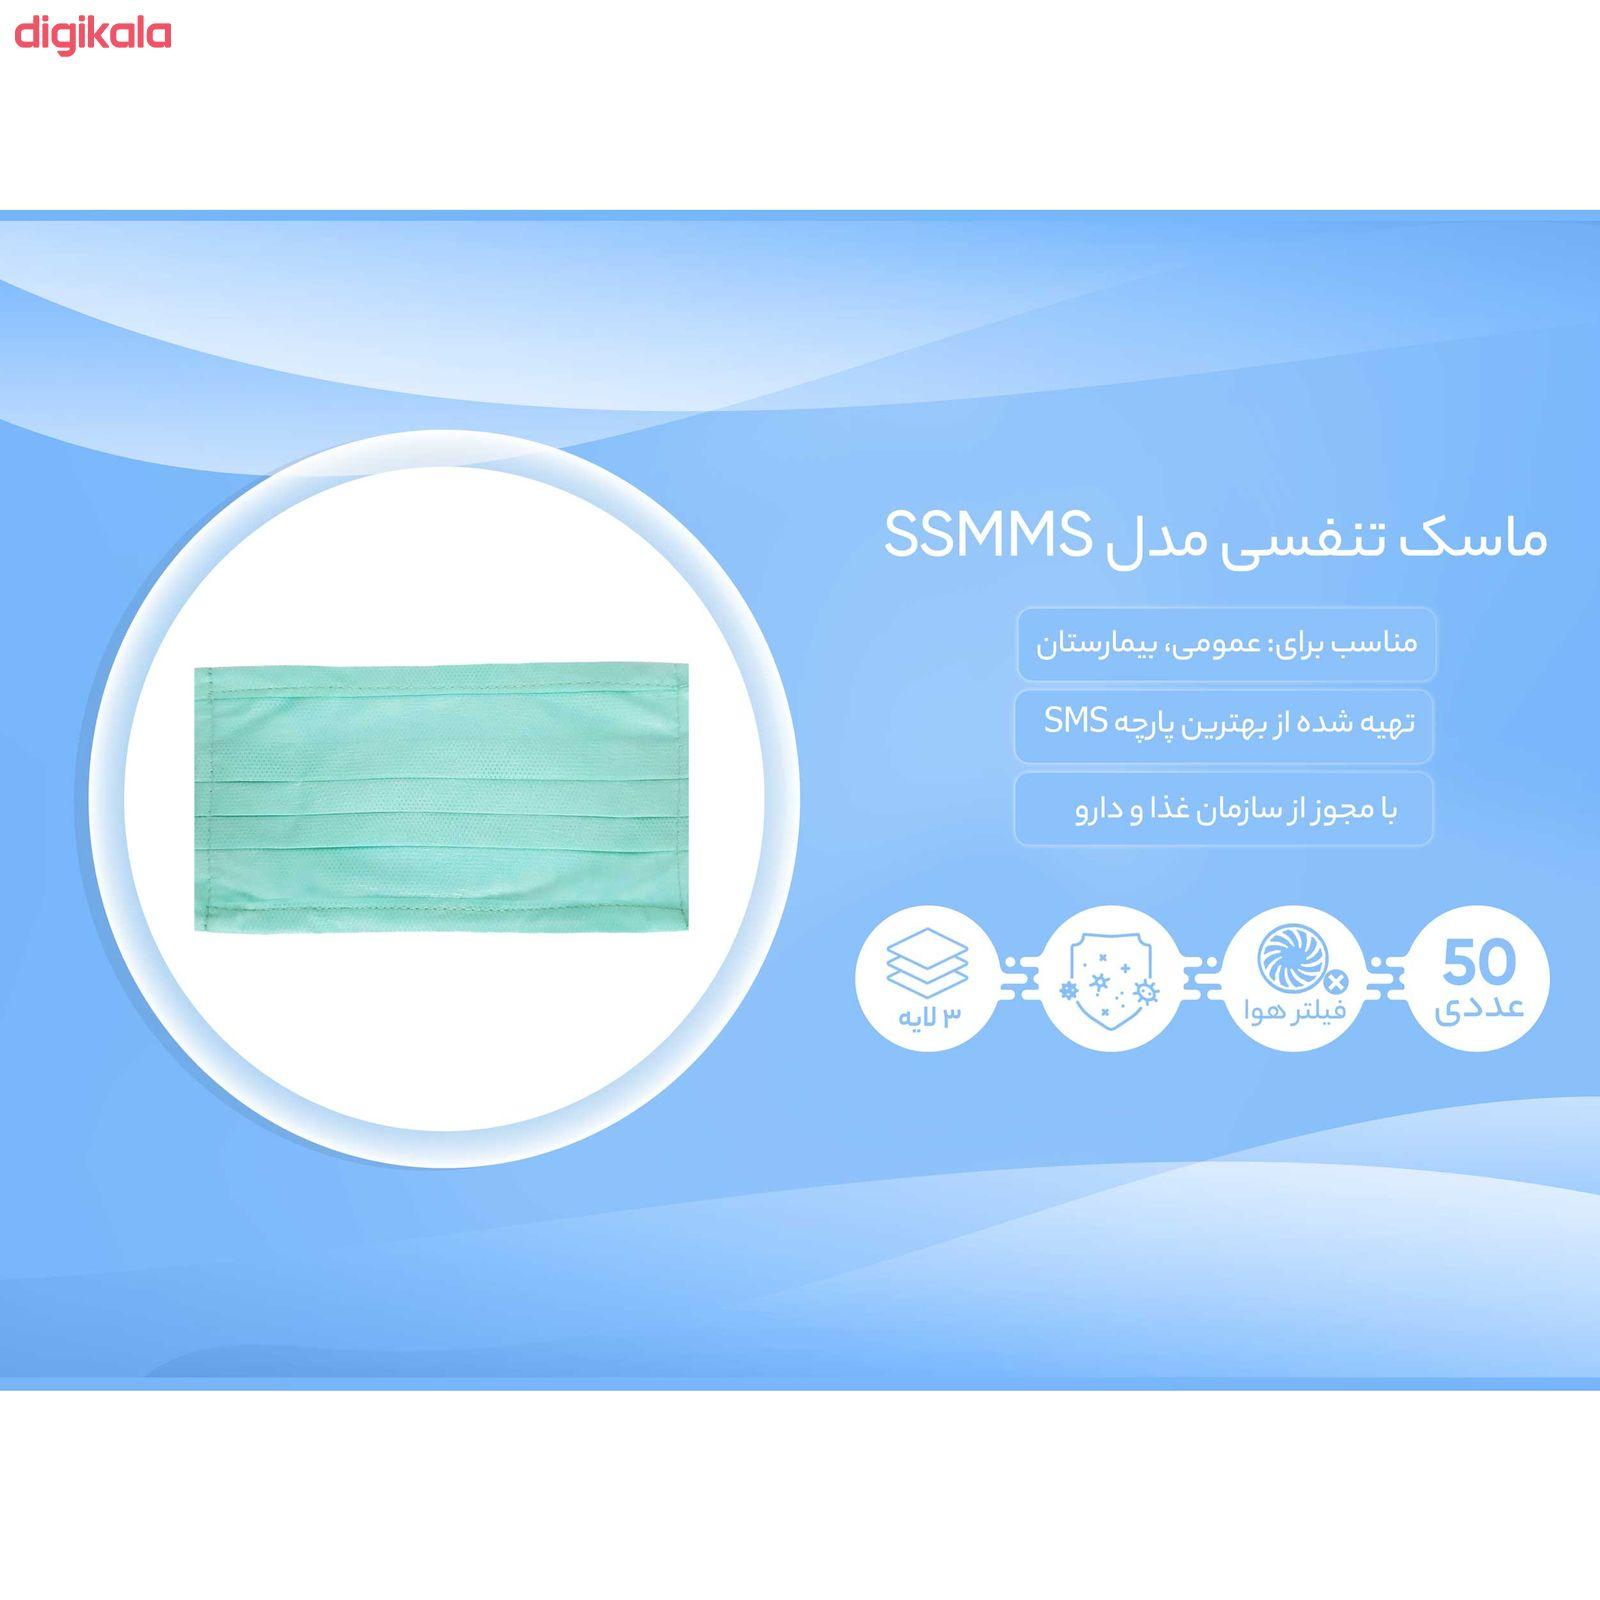 ماسک تنفسی مدل SSMMS بسته 50 عددی main 1 6